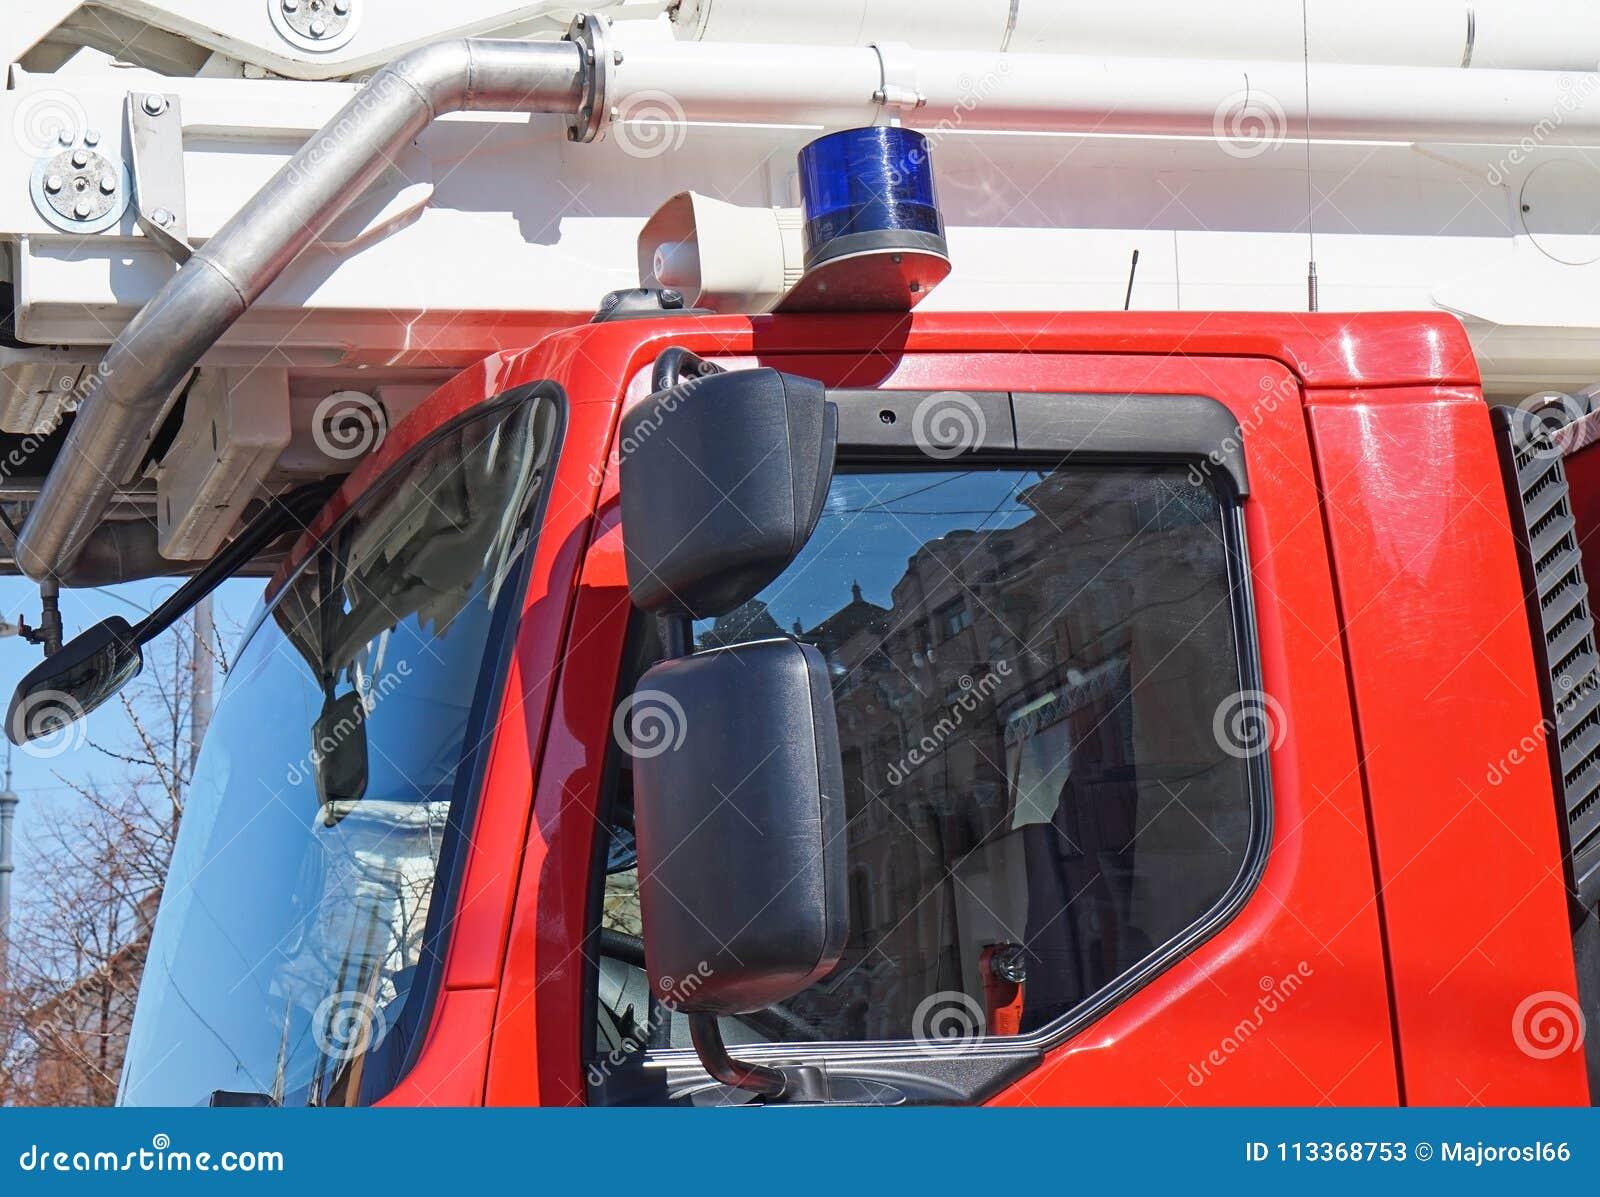 Sirene van een brandbestrijdersvrachtwagen